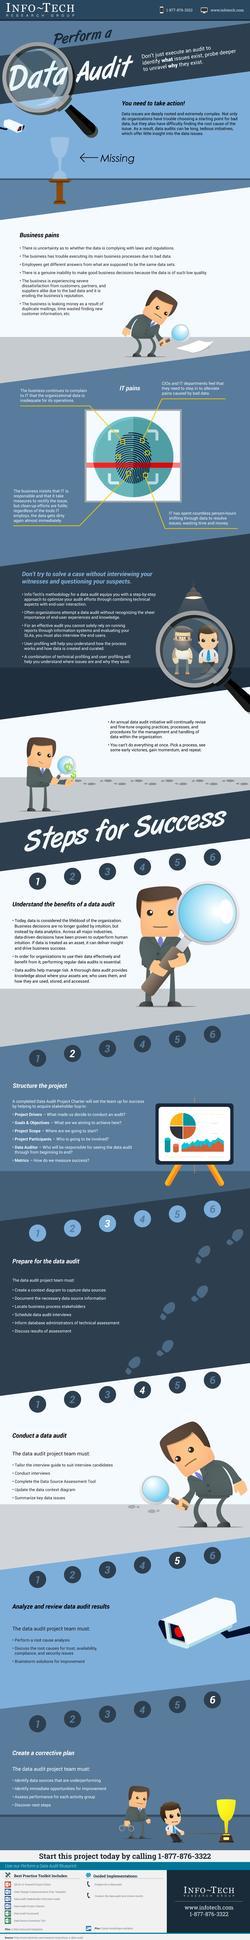 Perform a Data Audit thumbnail